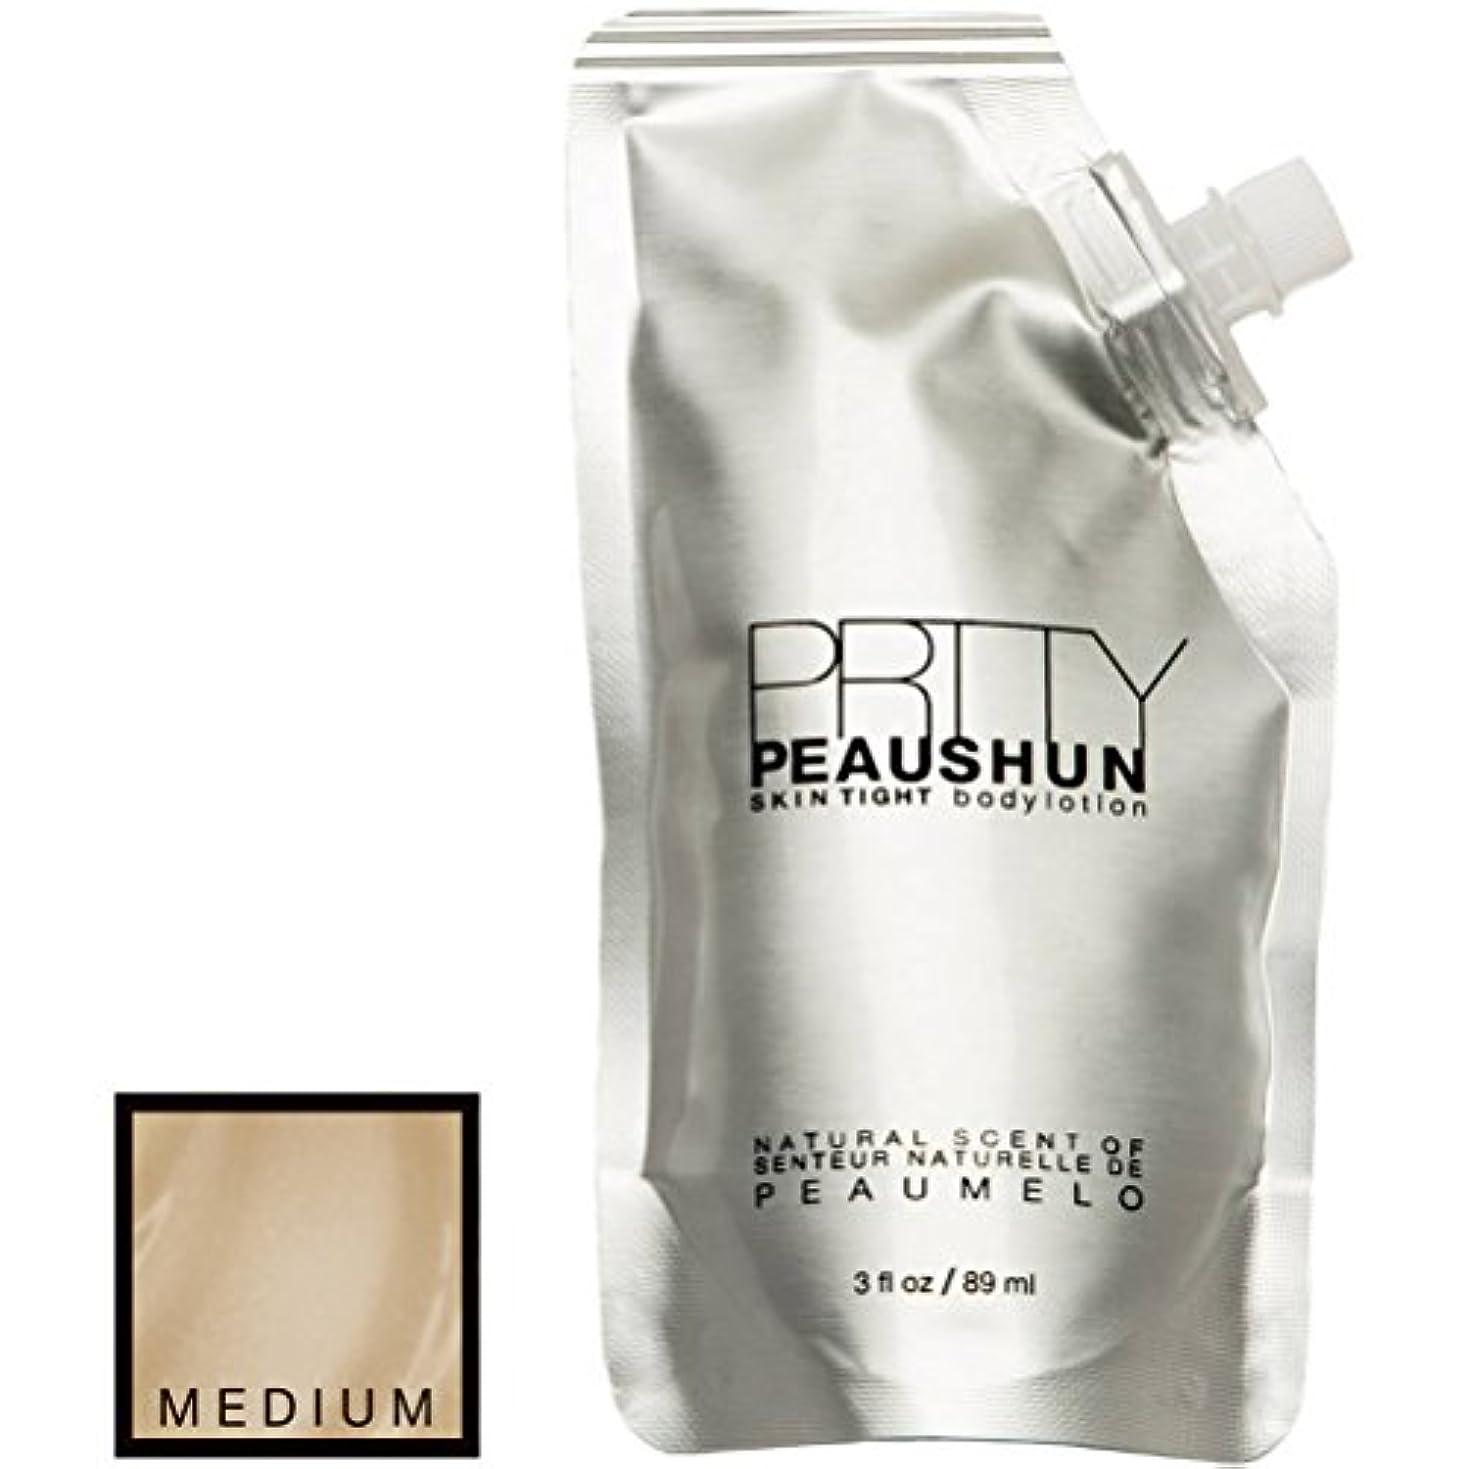 微生物木製気になるPrtty Peaushun Skin Tight Body Lotion - Medium by Prtty Peaushun